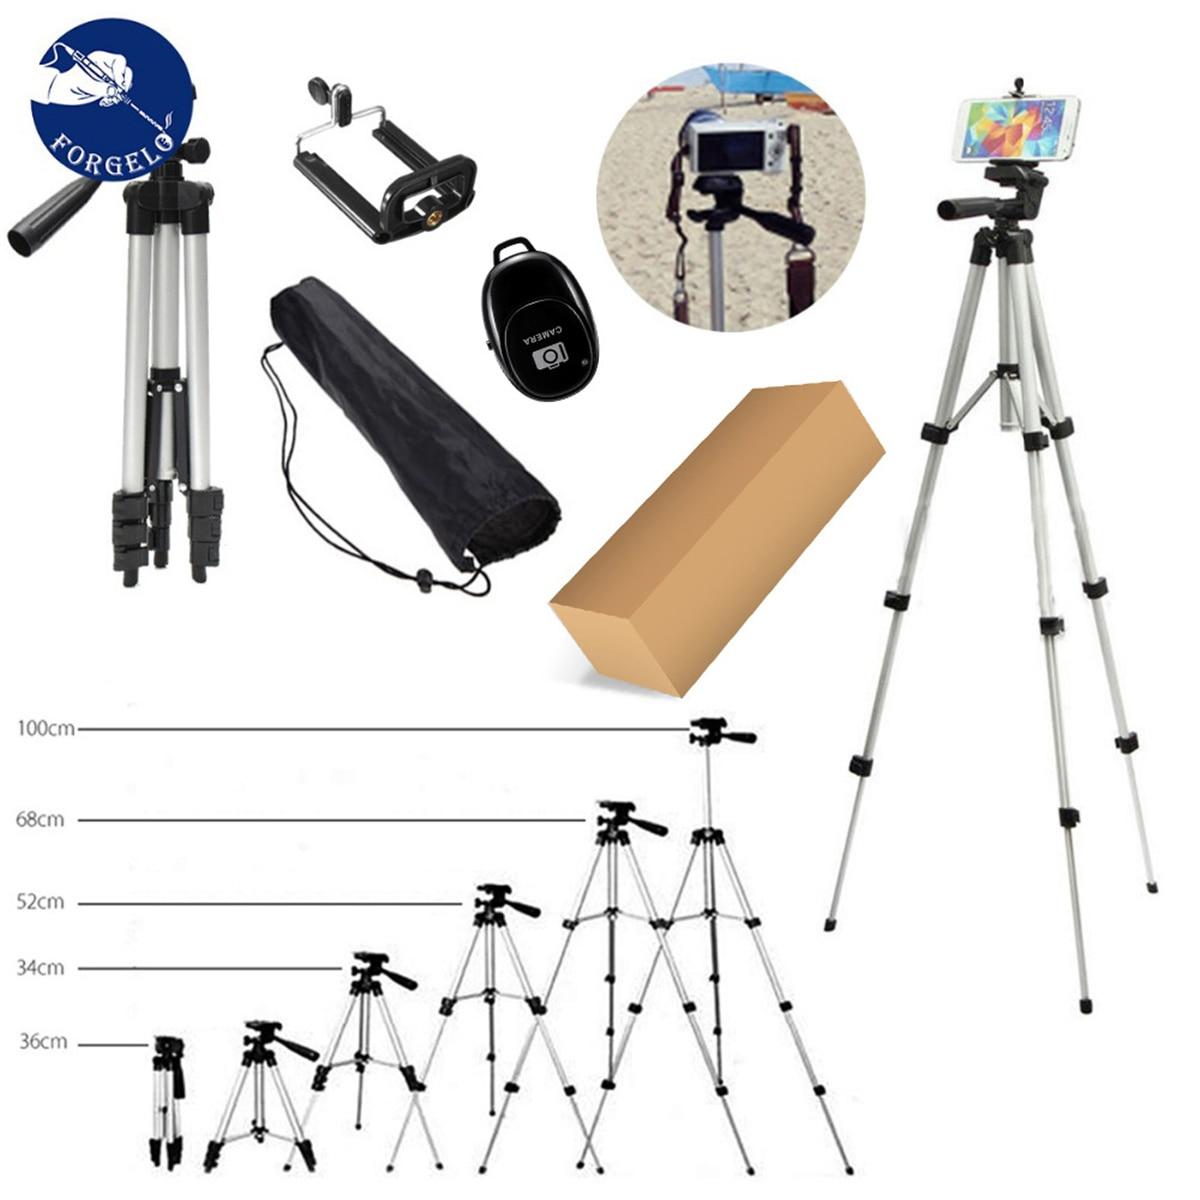 Mini trípode de extensión para teléfono móvil Cámara soporte portátil viaje Selfie trípode soporte para cámara con brazo basculante